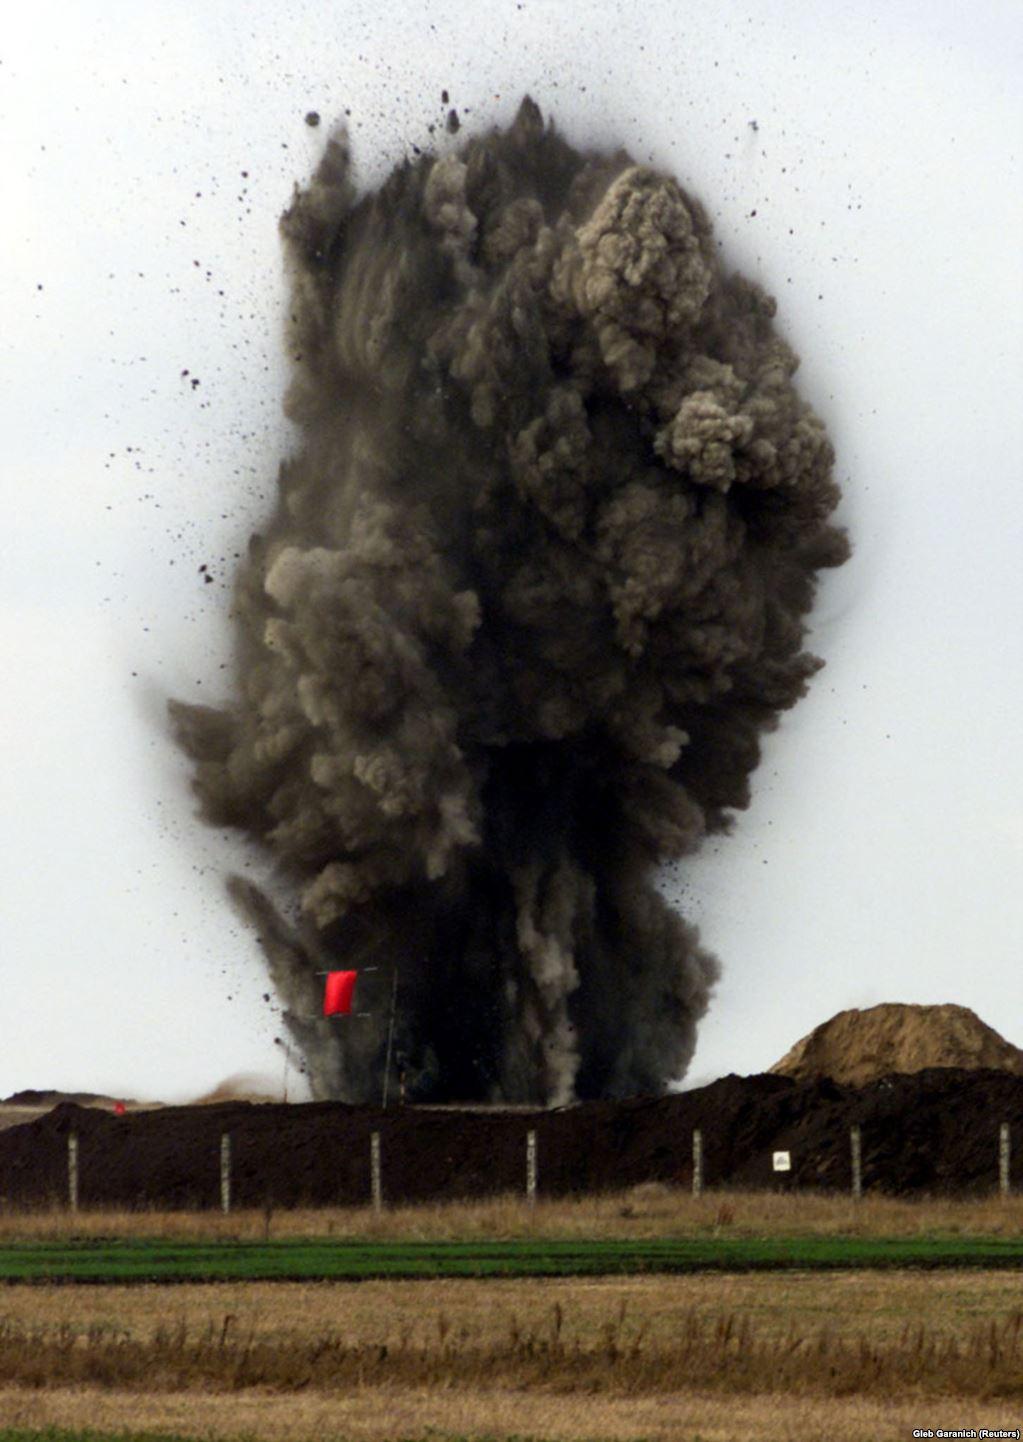 Остання пускова установка ракети РС-22 знищена поблизу Первомайська. Всього на території України було знищено 46 пускових установок РС-22